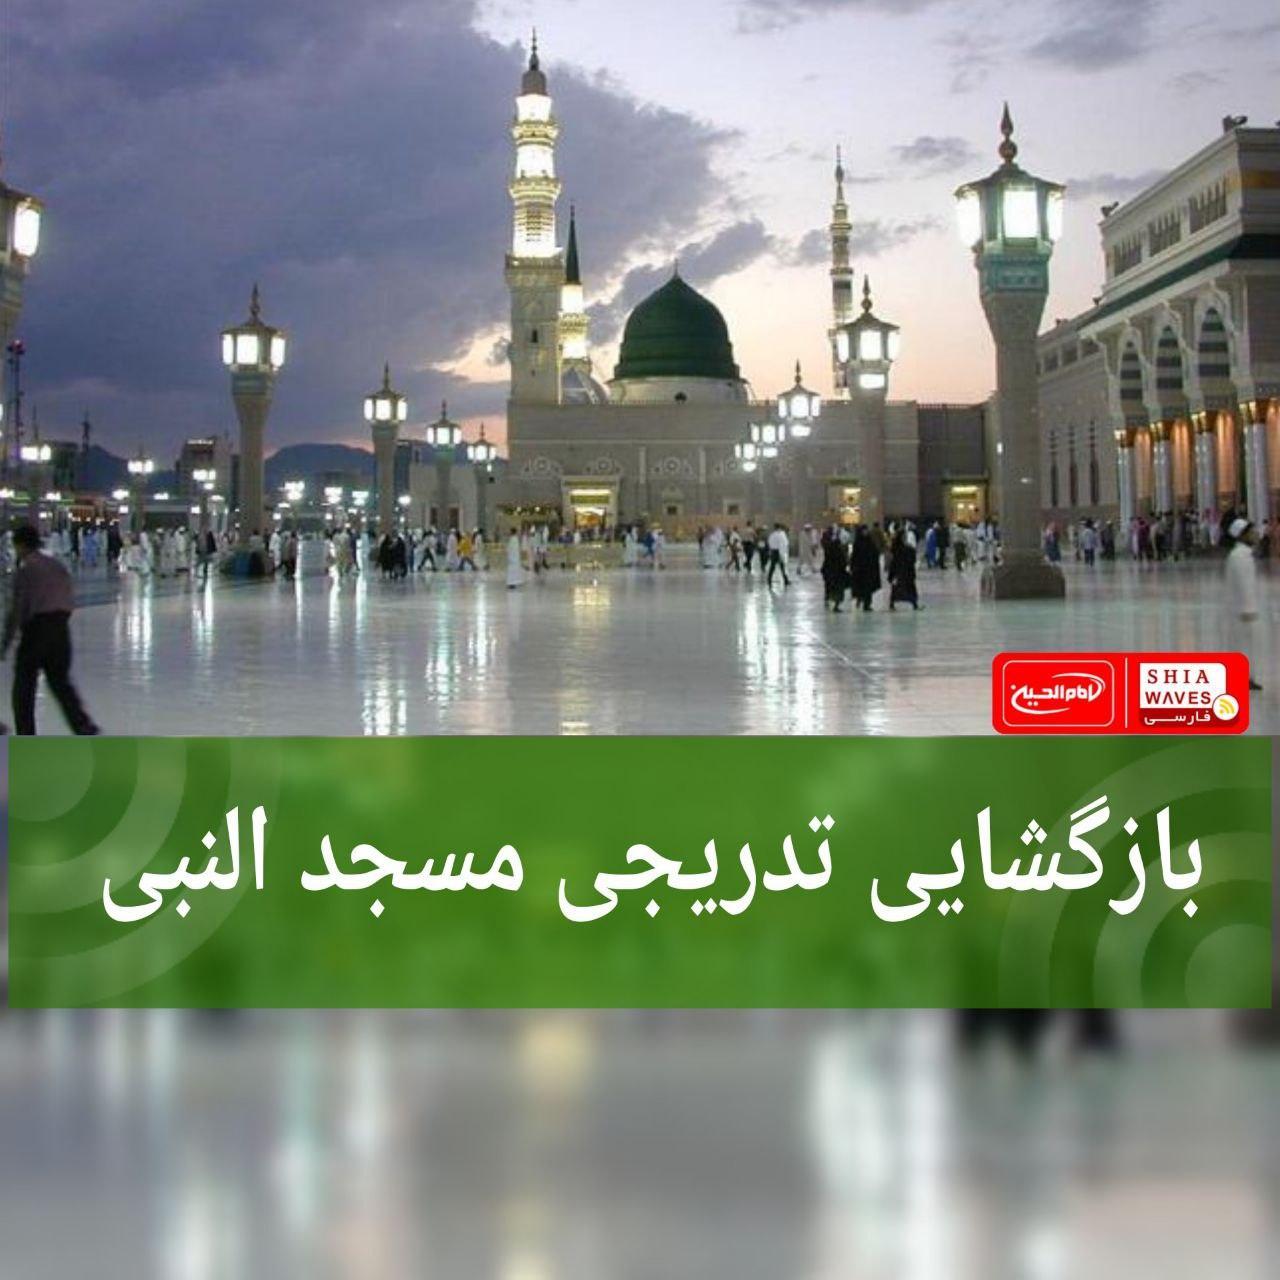 تصویر بازگشایی تدریجی مسجد النبی